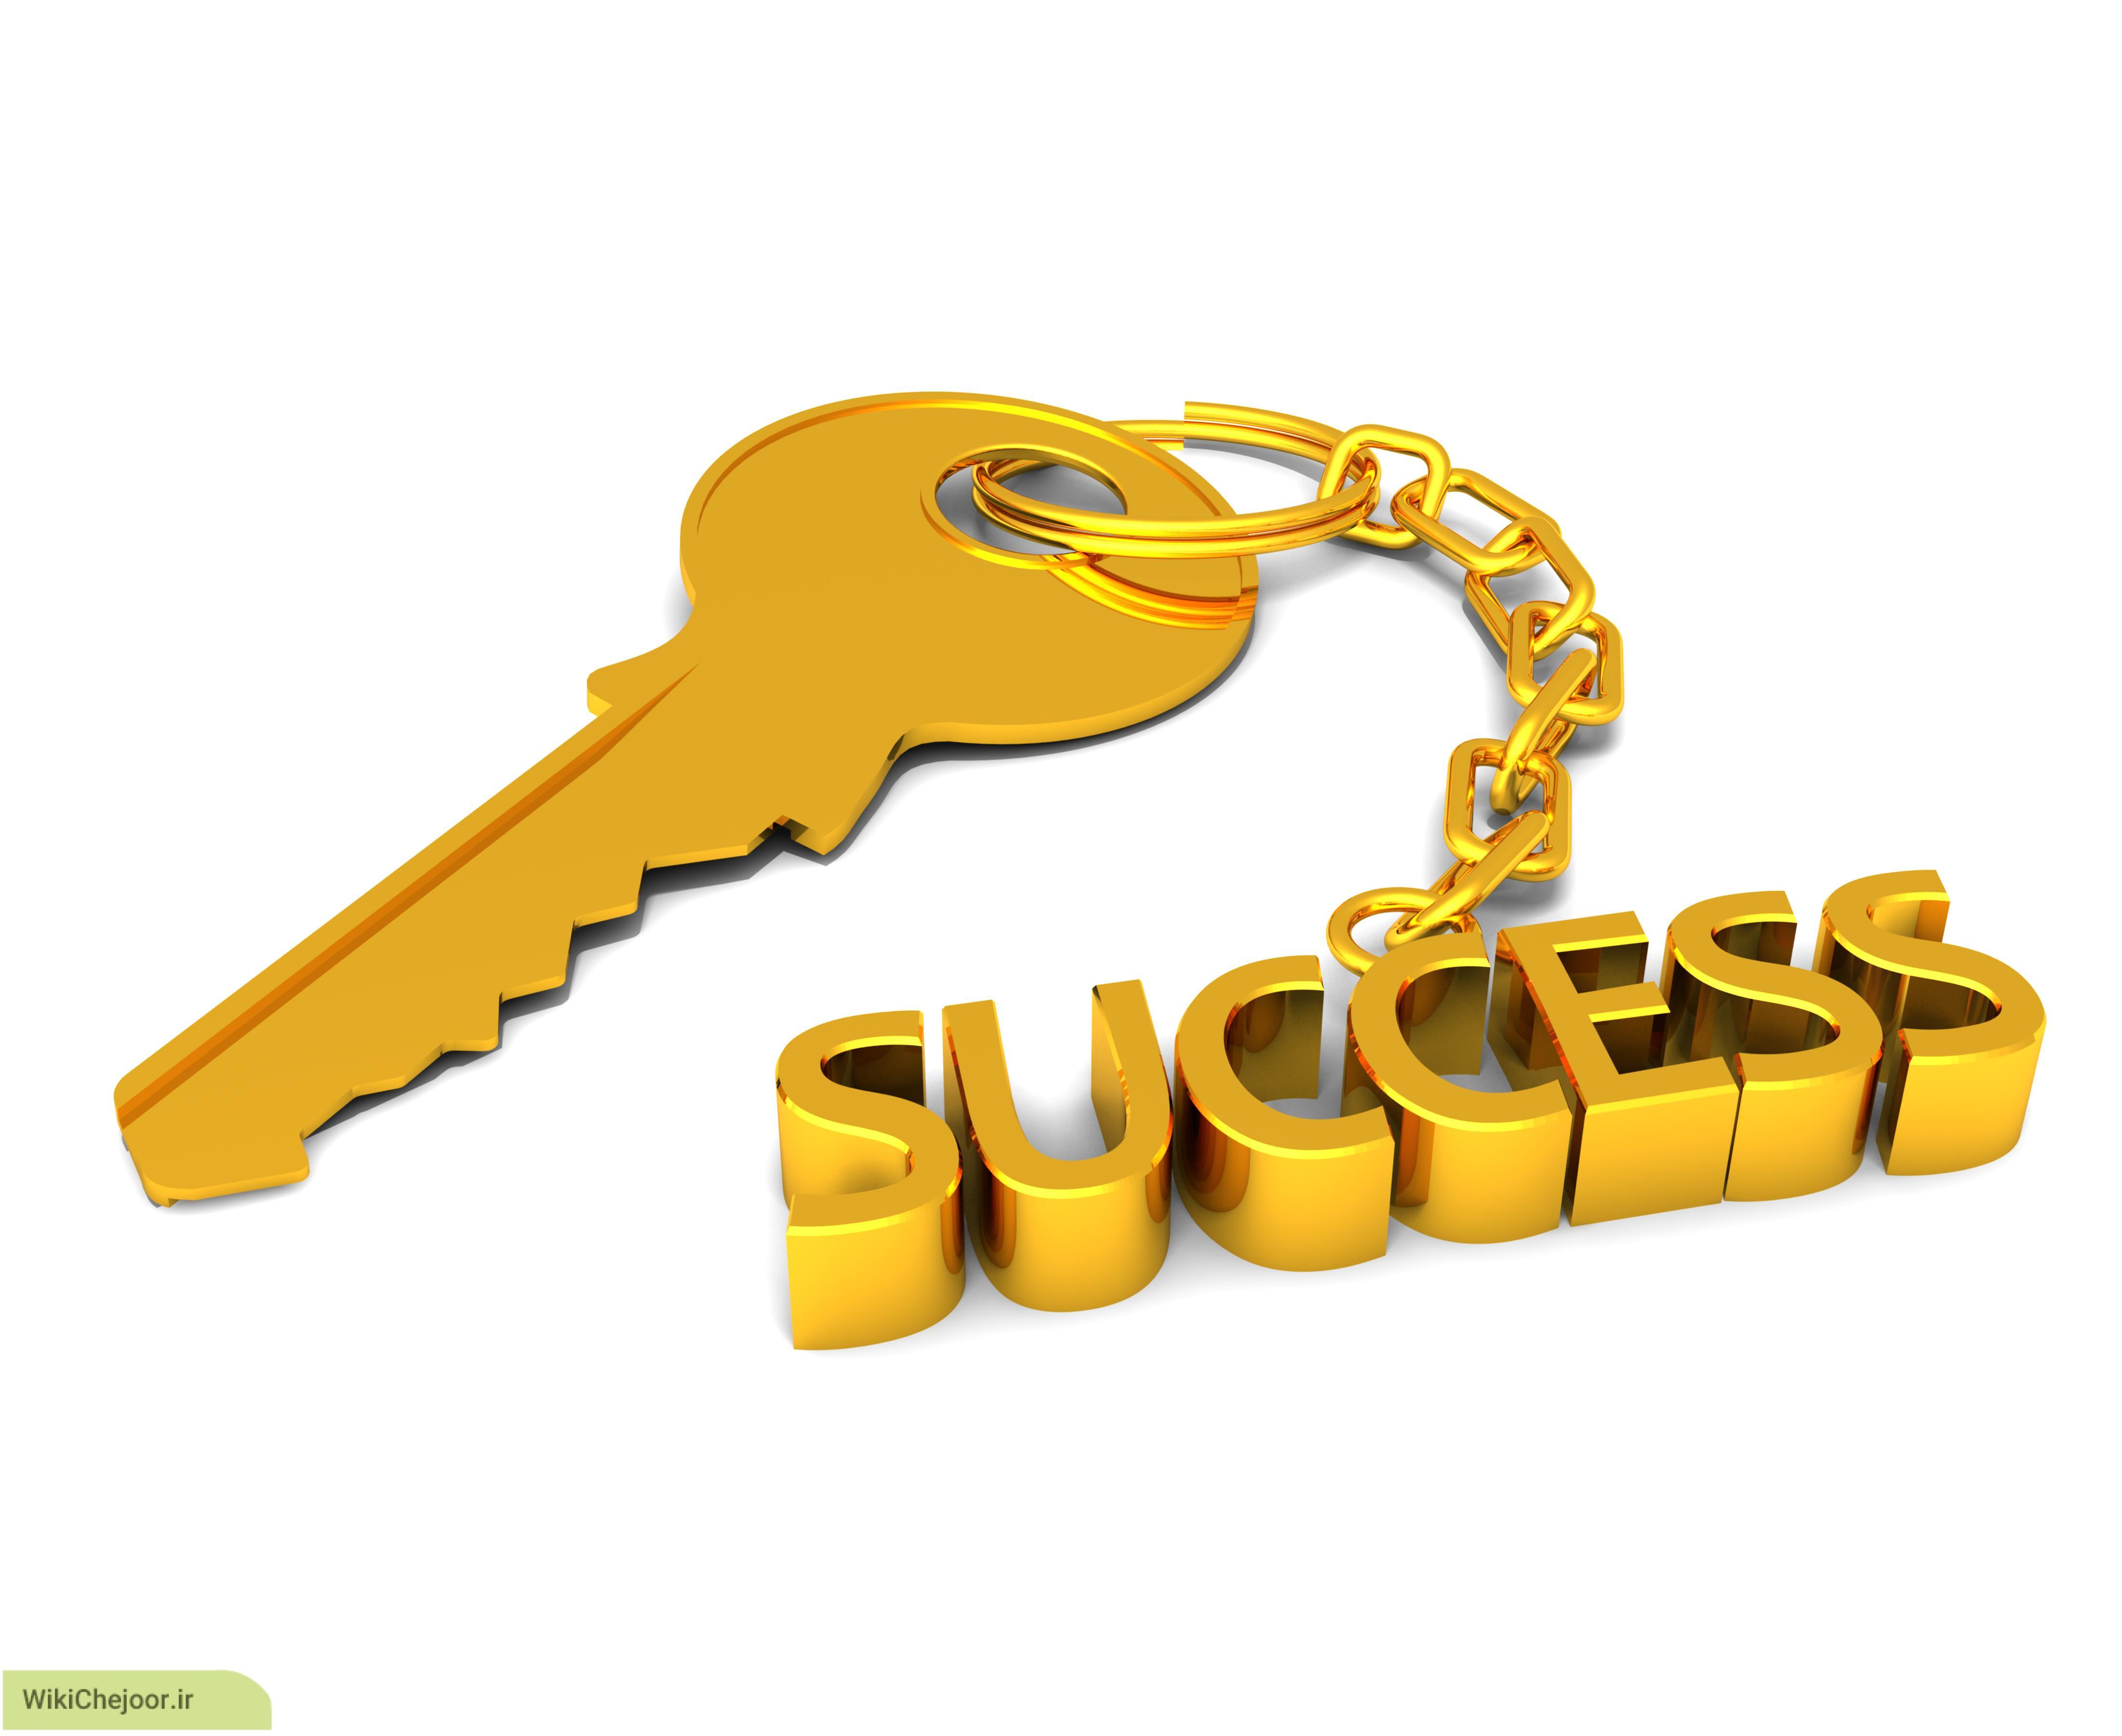 چگونه موفق زندگی کنیم؟؟؟